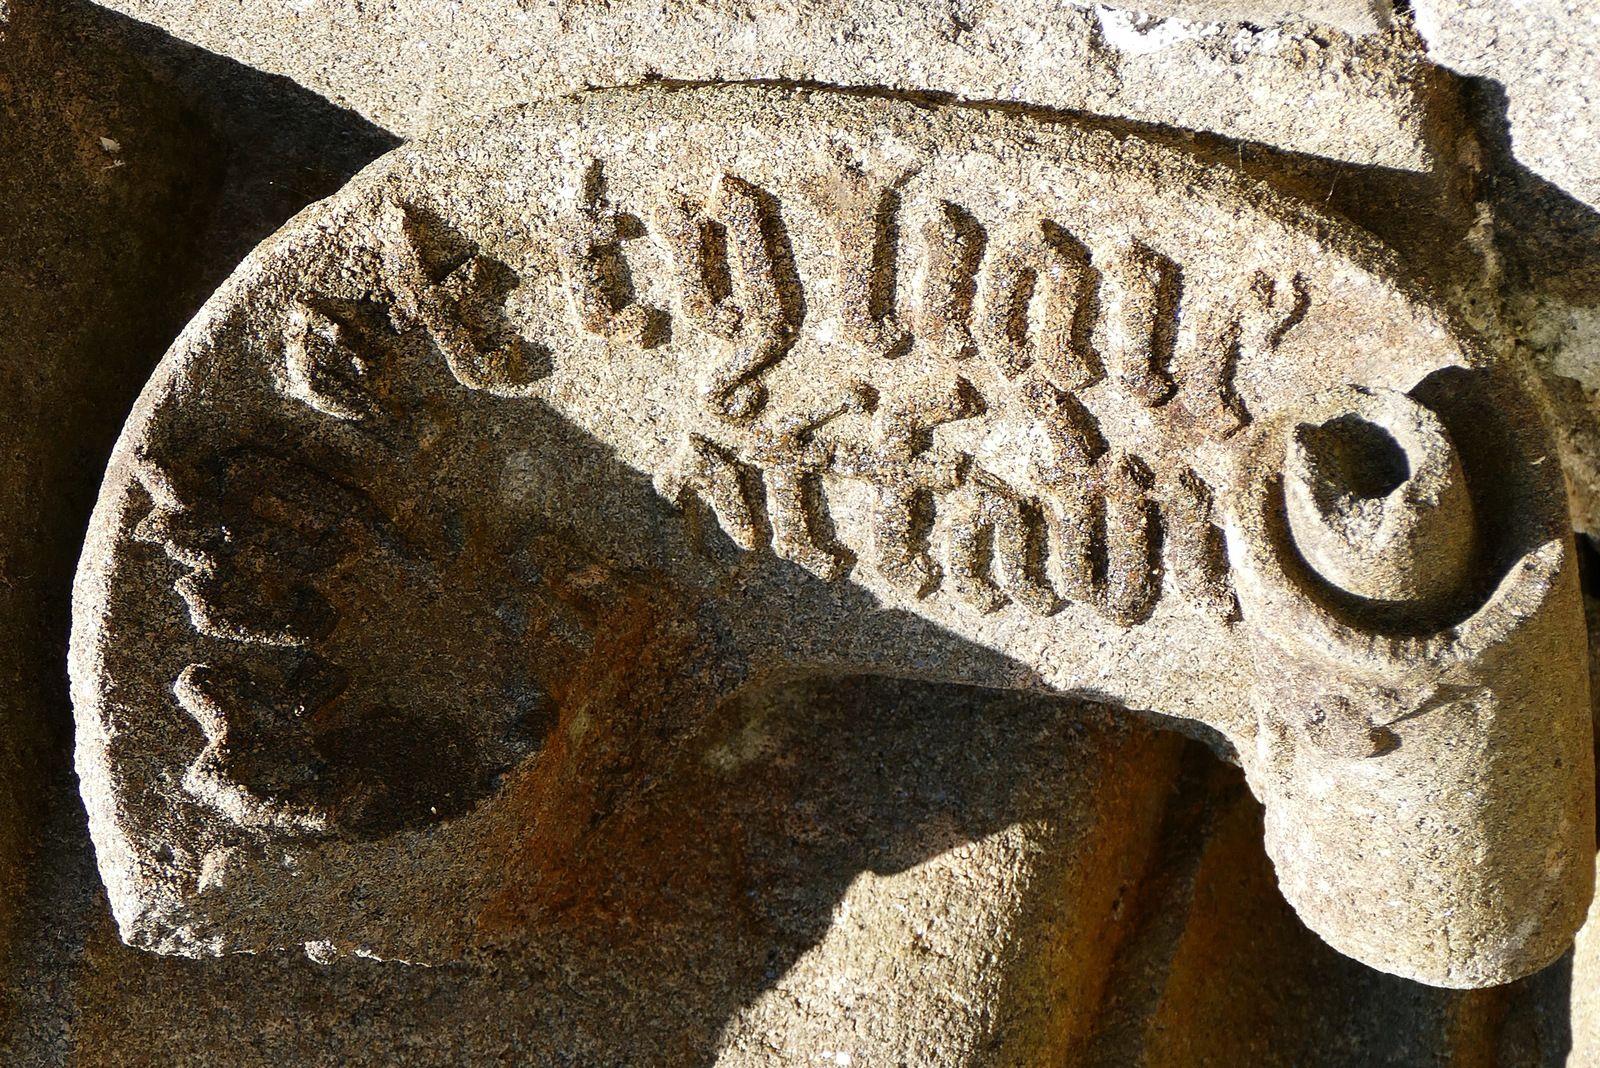 Console de la Vierge à l'Enfant, kersanton, XVe siècle, porche sud de l'église de Pencran. Photographie lavieb-aile.